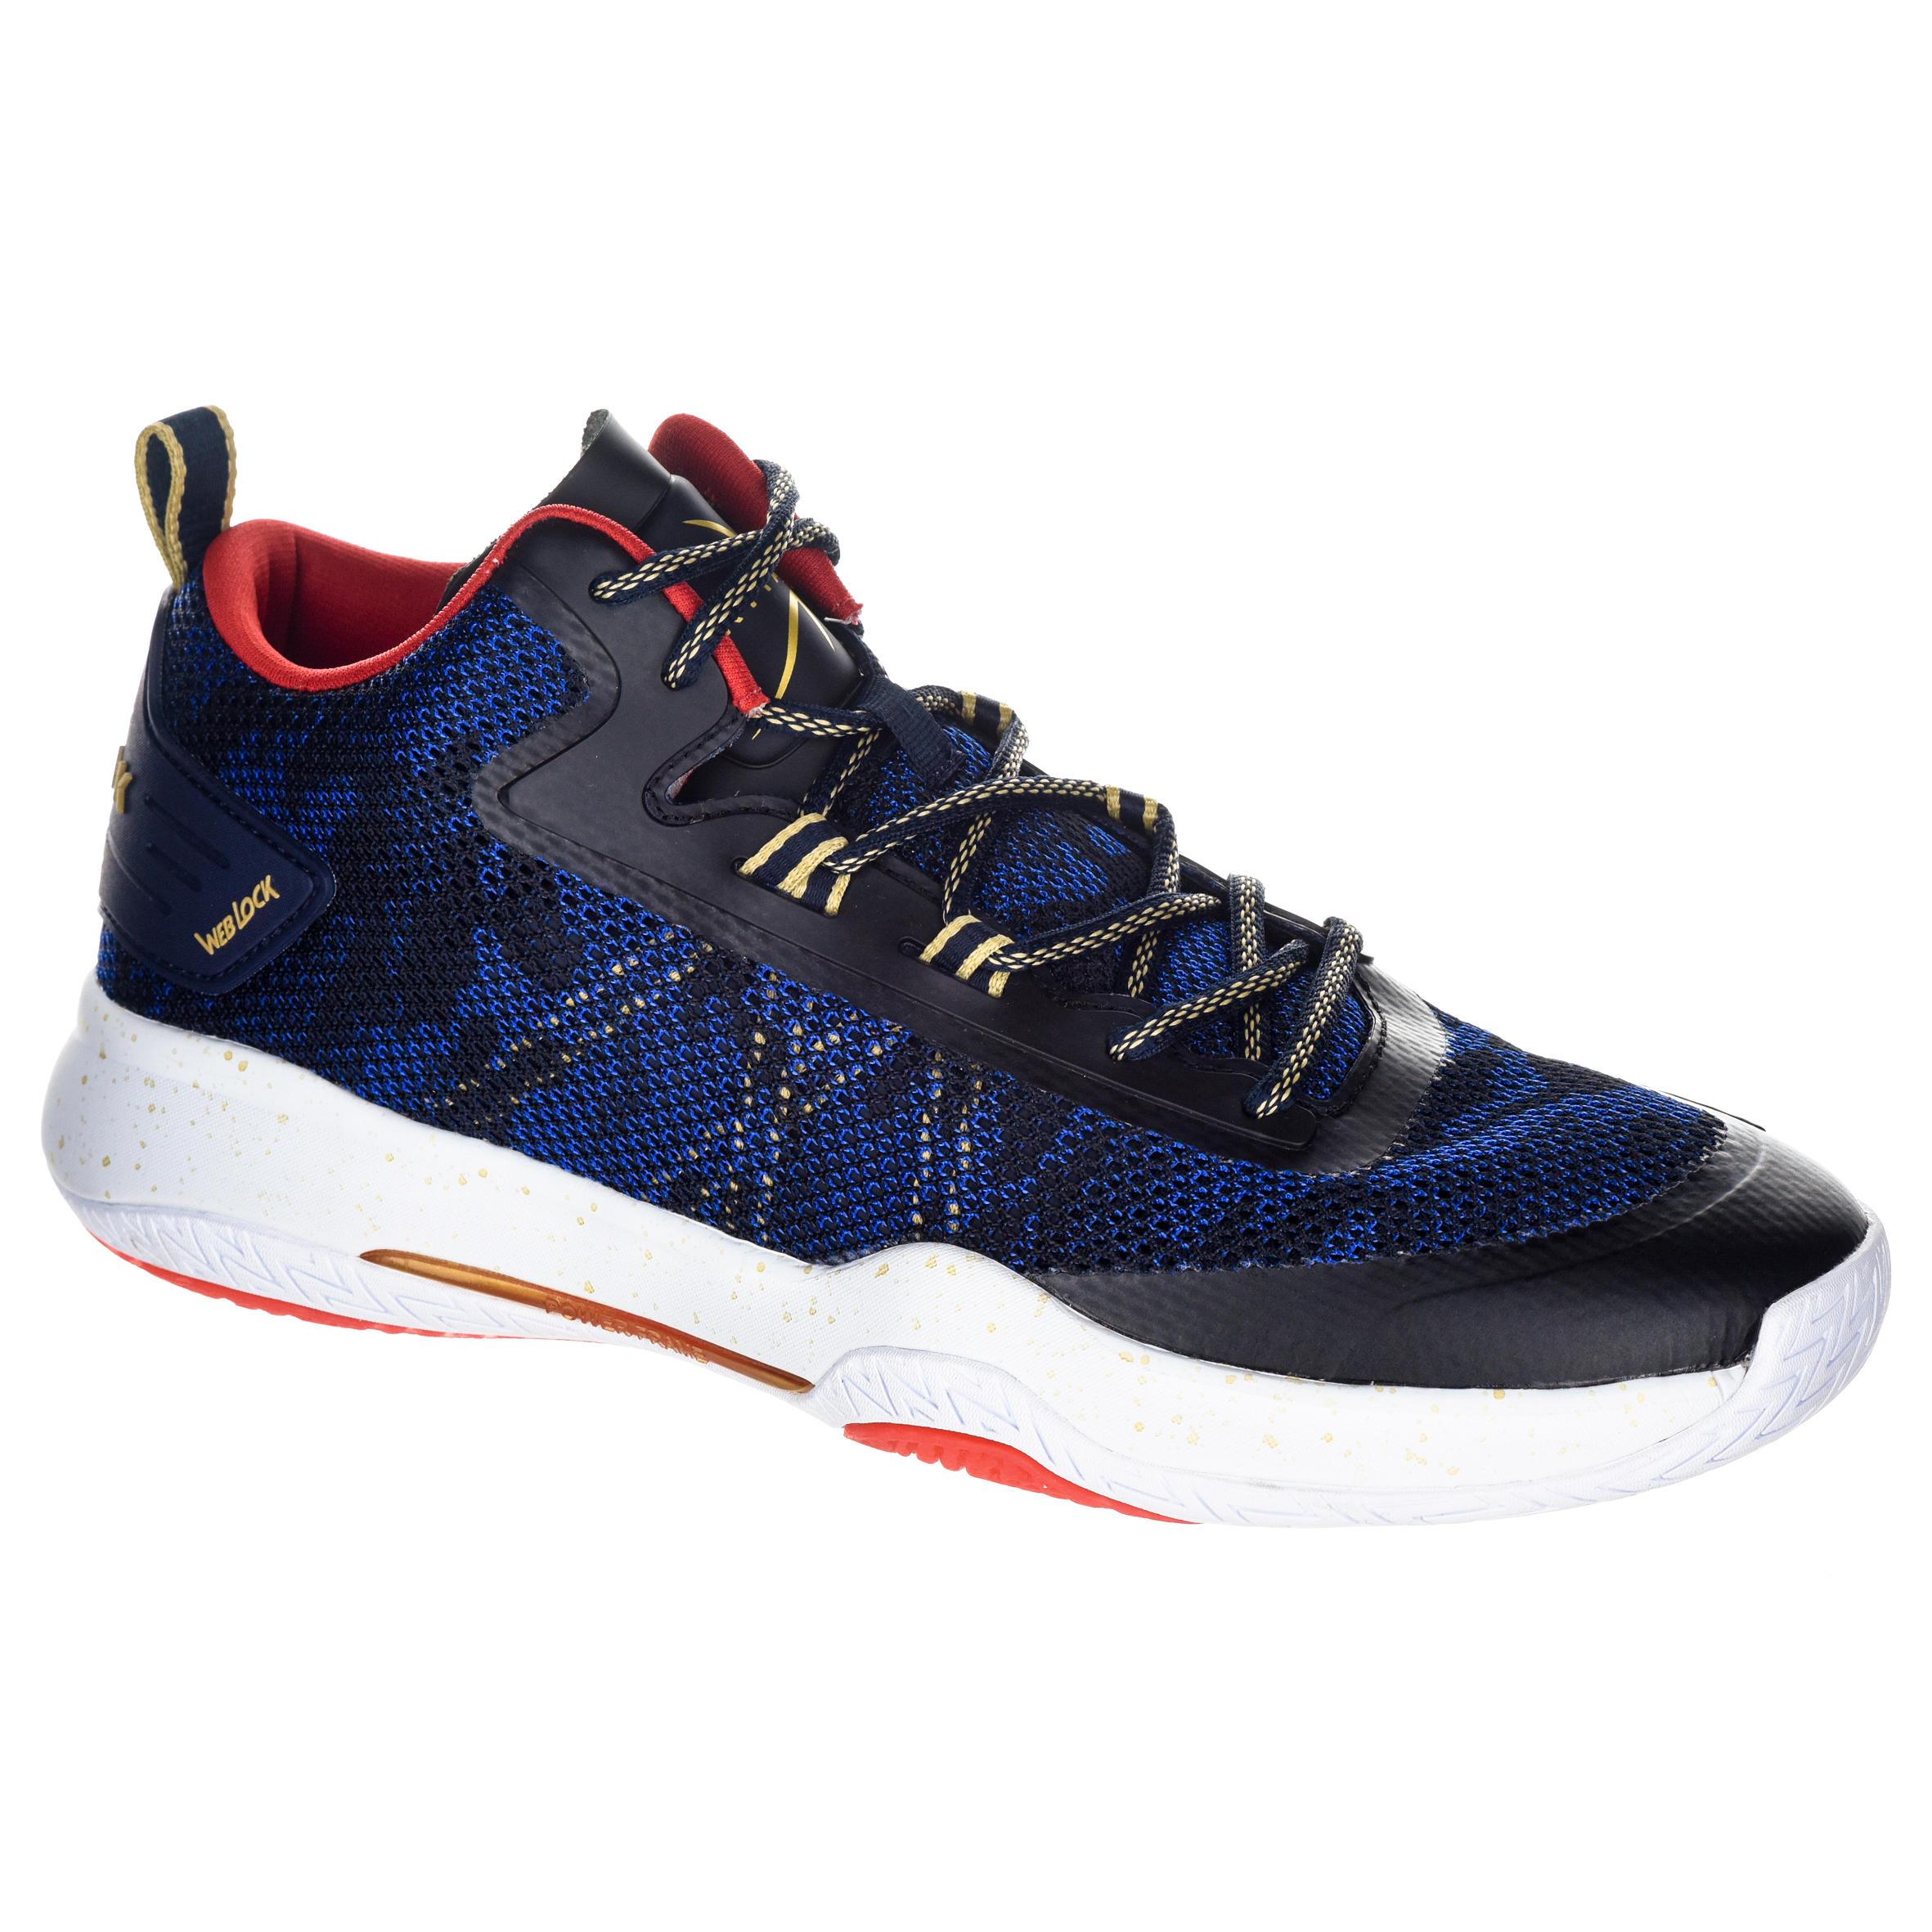 Tarmak Basketbalschoenen SC500 mid blauw/rood/goud (heren)